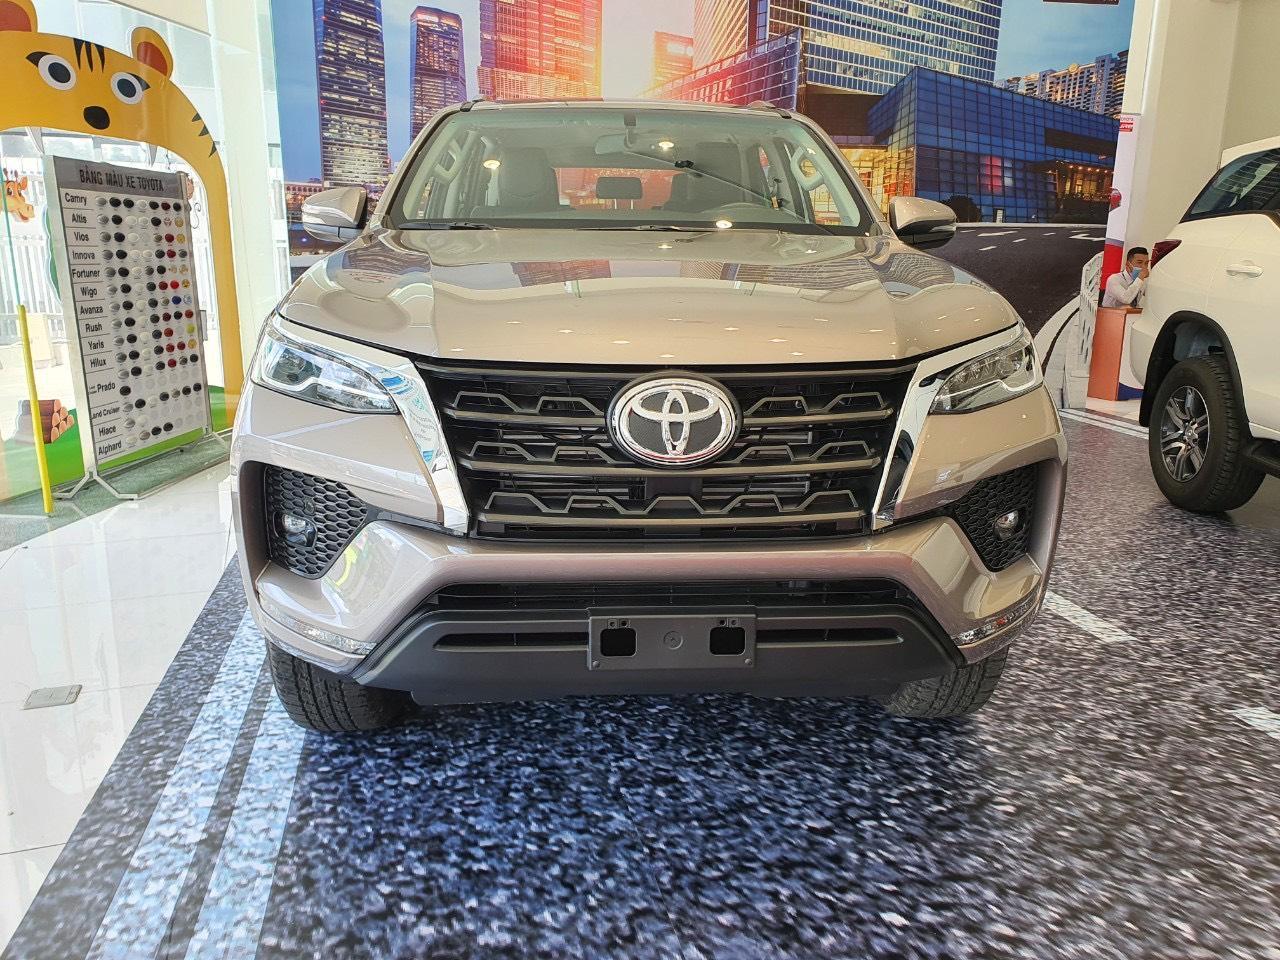 Chi tiết Toyota Fortuner 2.7AT 4×2 2022 – Mức độ hoàn thiện tốt, giá bán phải chăng